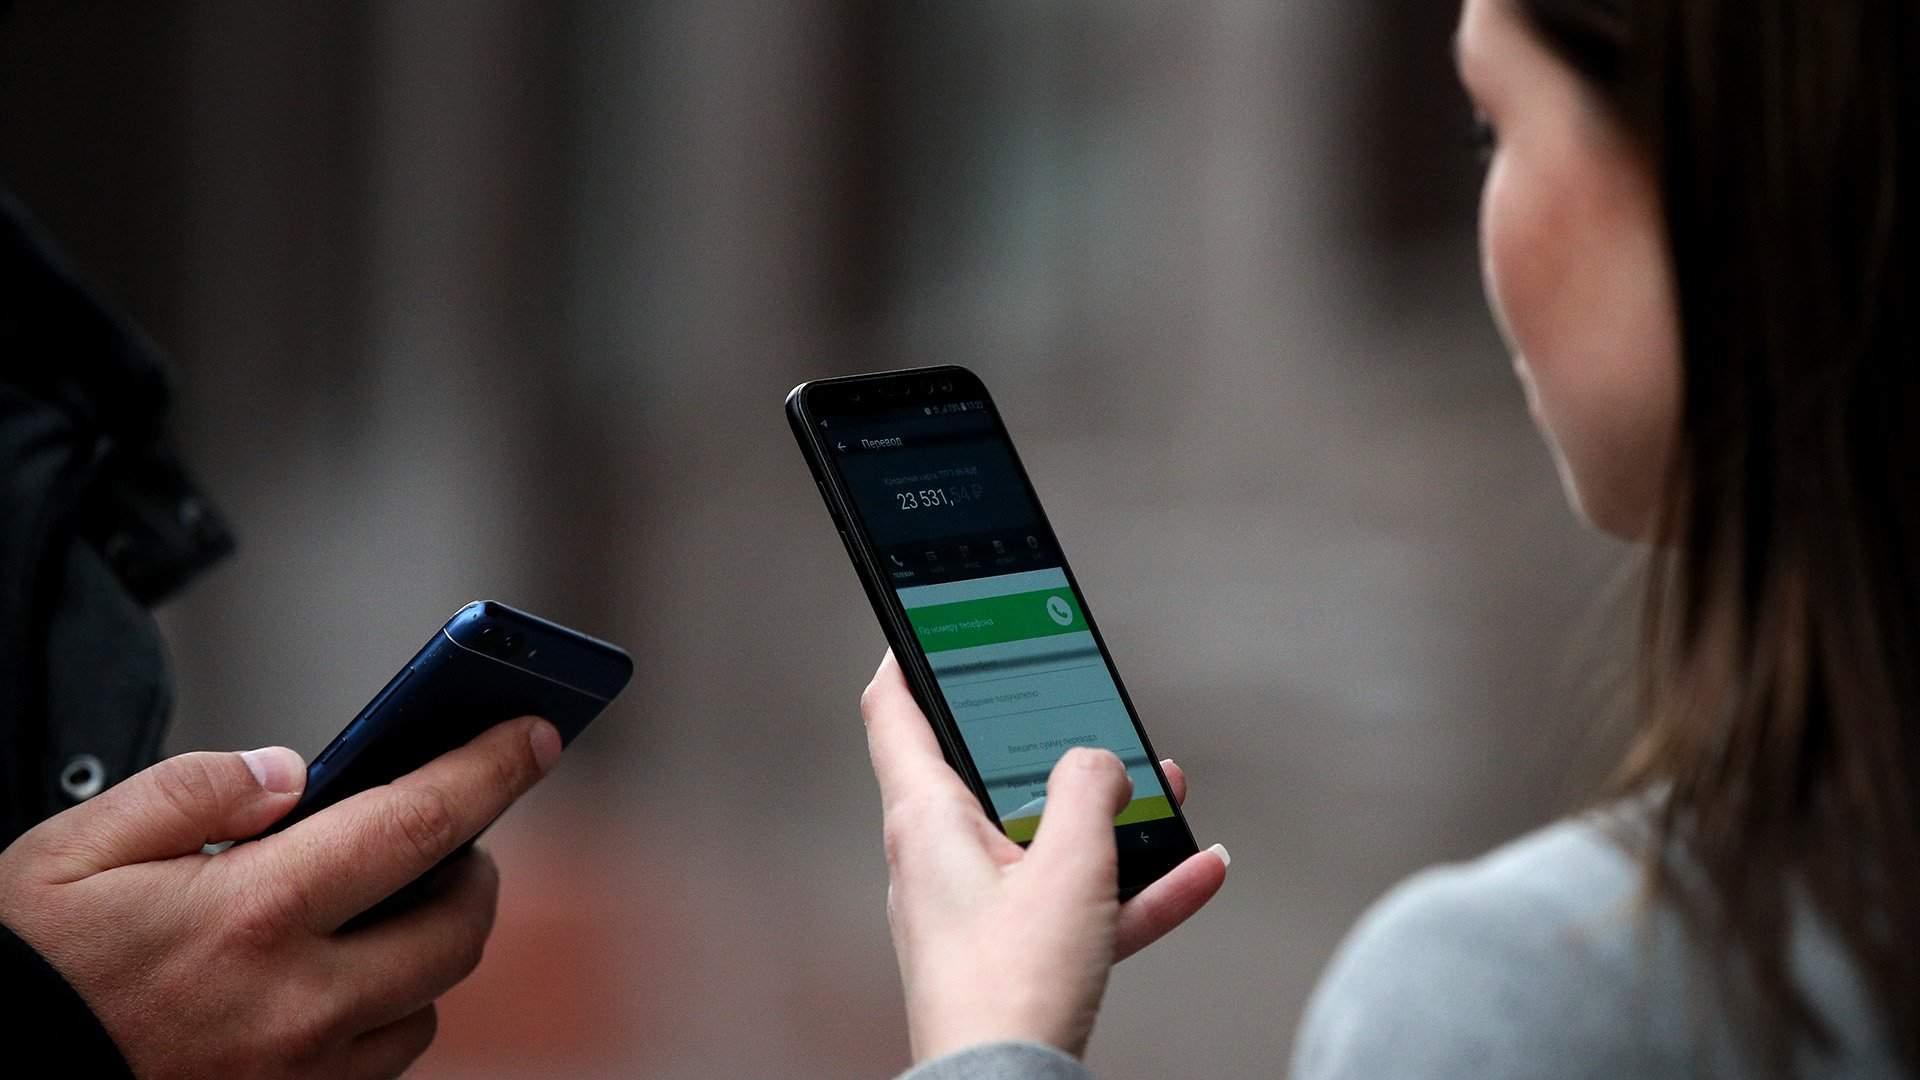 банк хоум кредит телефон колл центра как взять в долг на ете